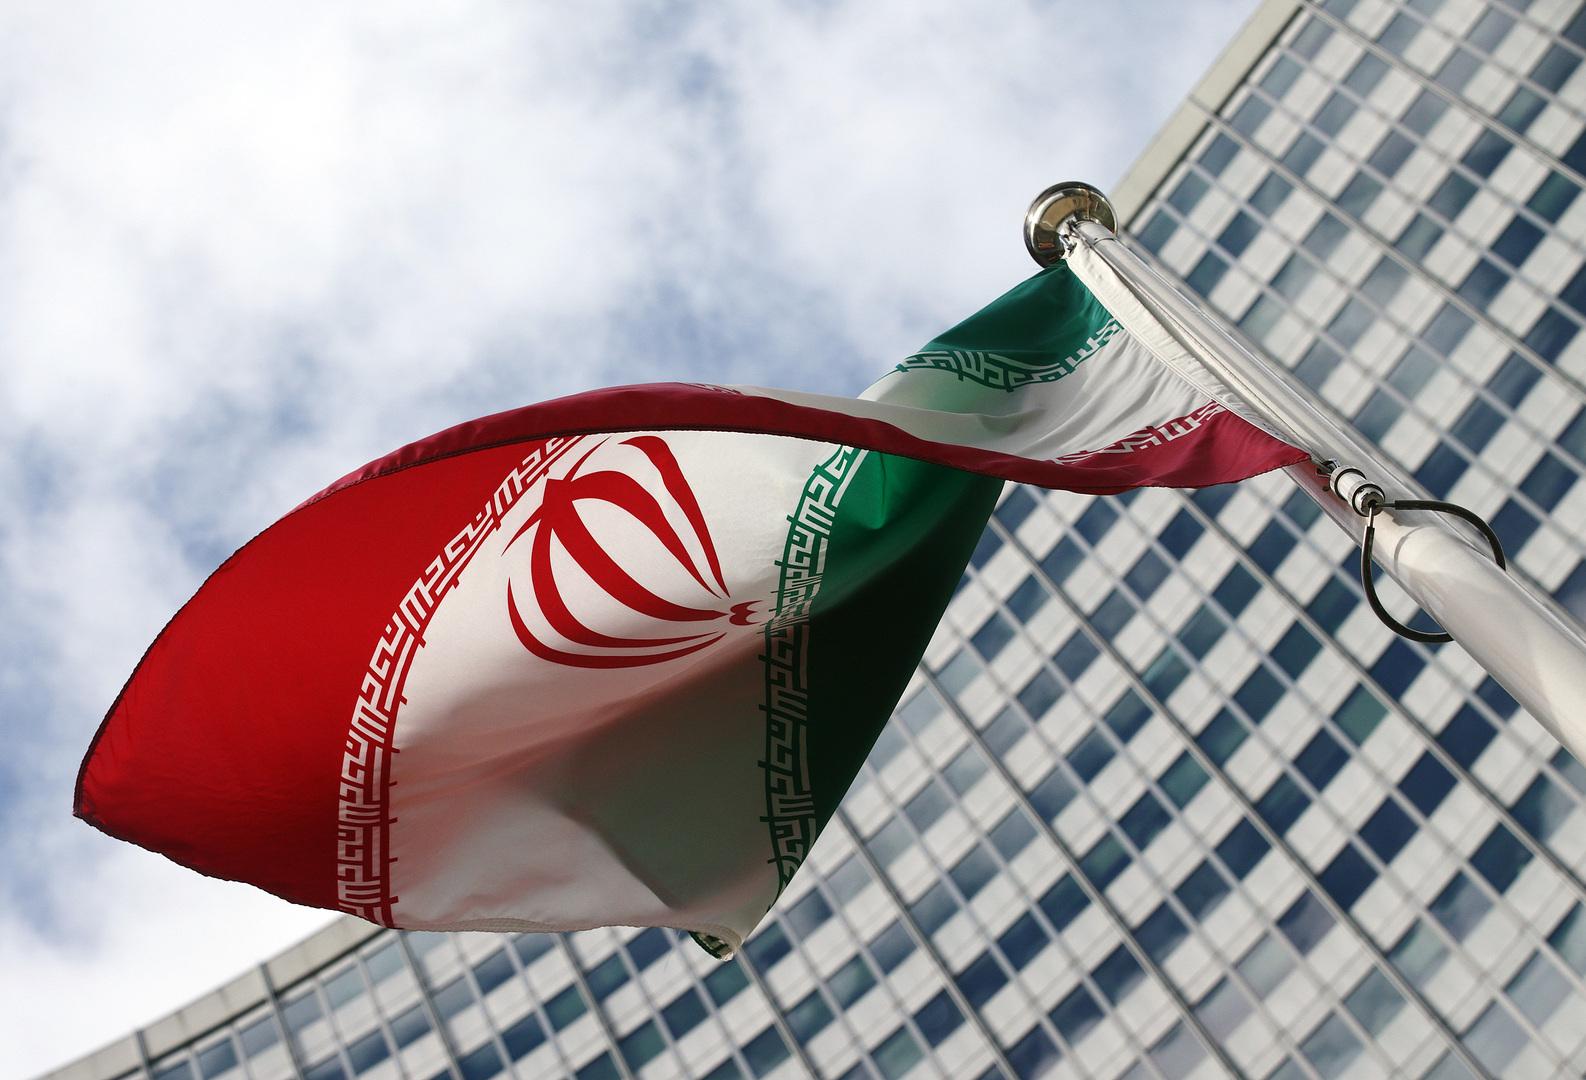 طهران: سيتم الإفراج عن مليار دولار من أموالنا المجمدة في كوريا الجنوبية ونتفاوض لتحريرالأموال الأخرى